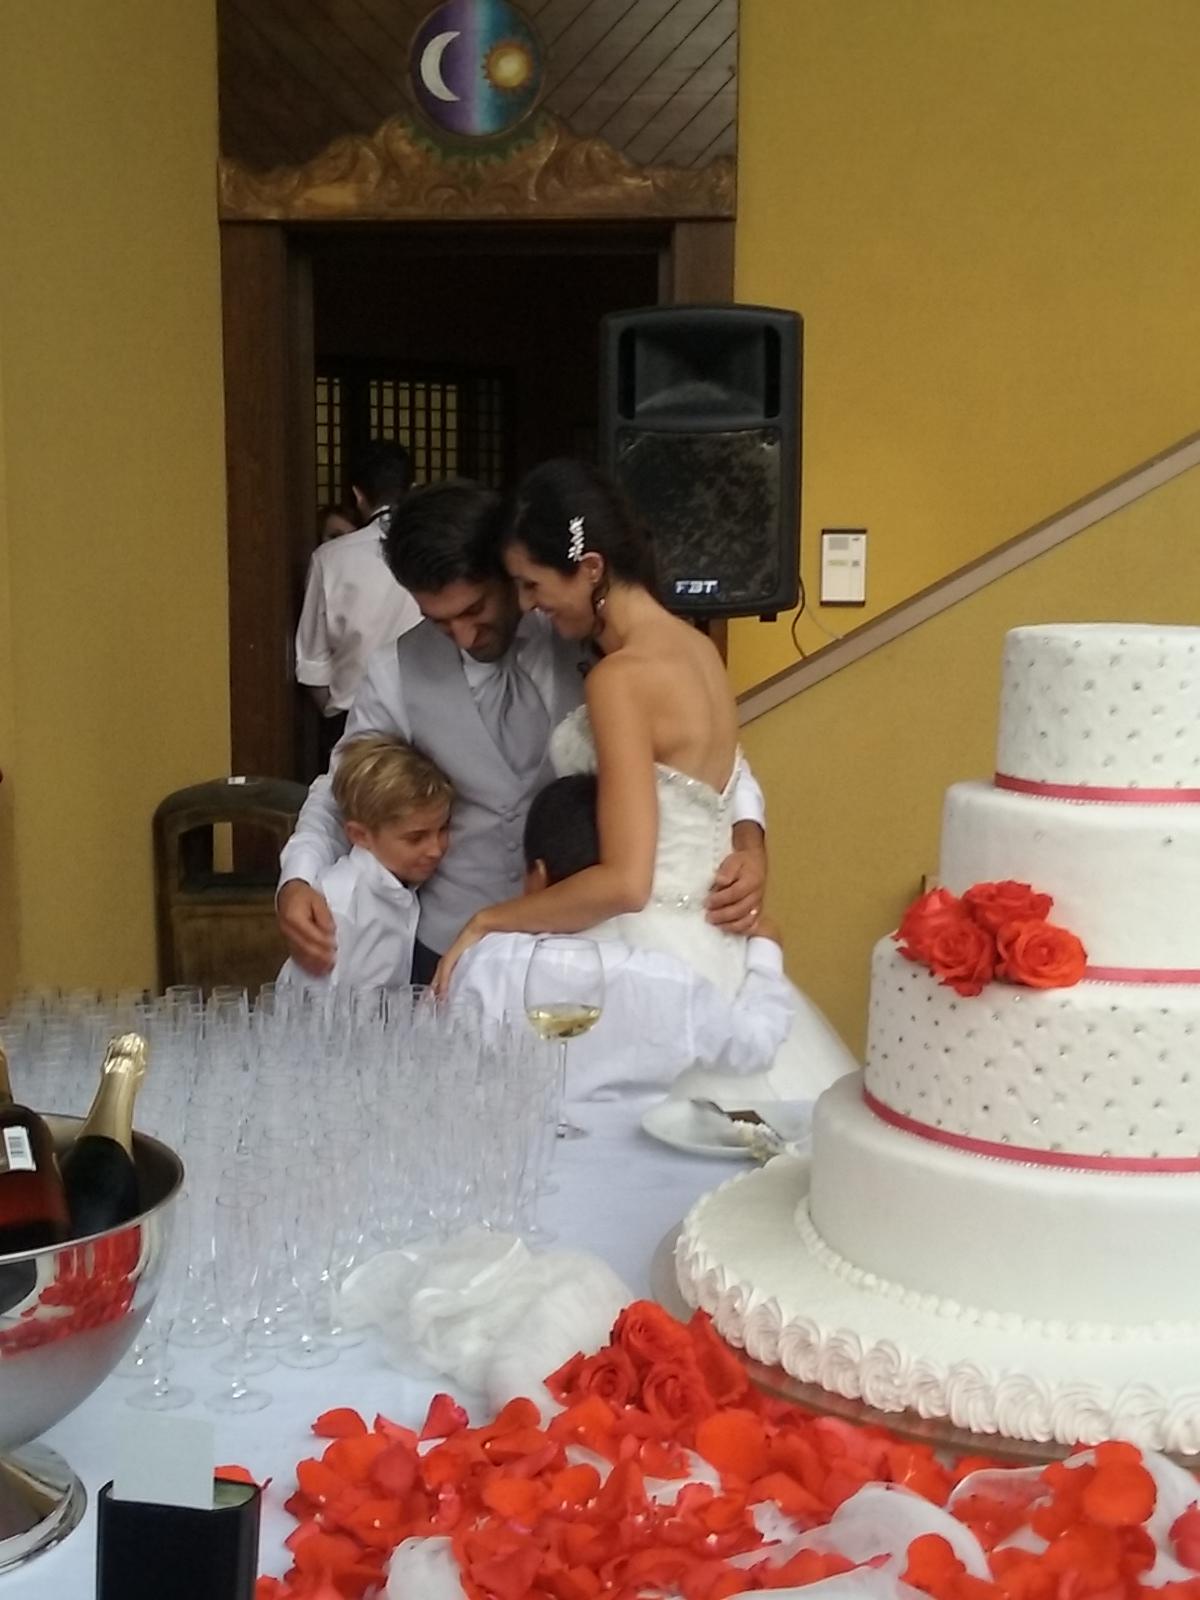 Matrimonio Auguri O Congratulazioni : Congratulazioni ai novelli sposi gabriele e annalisa